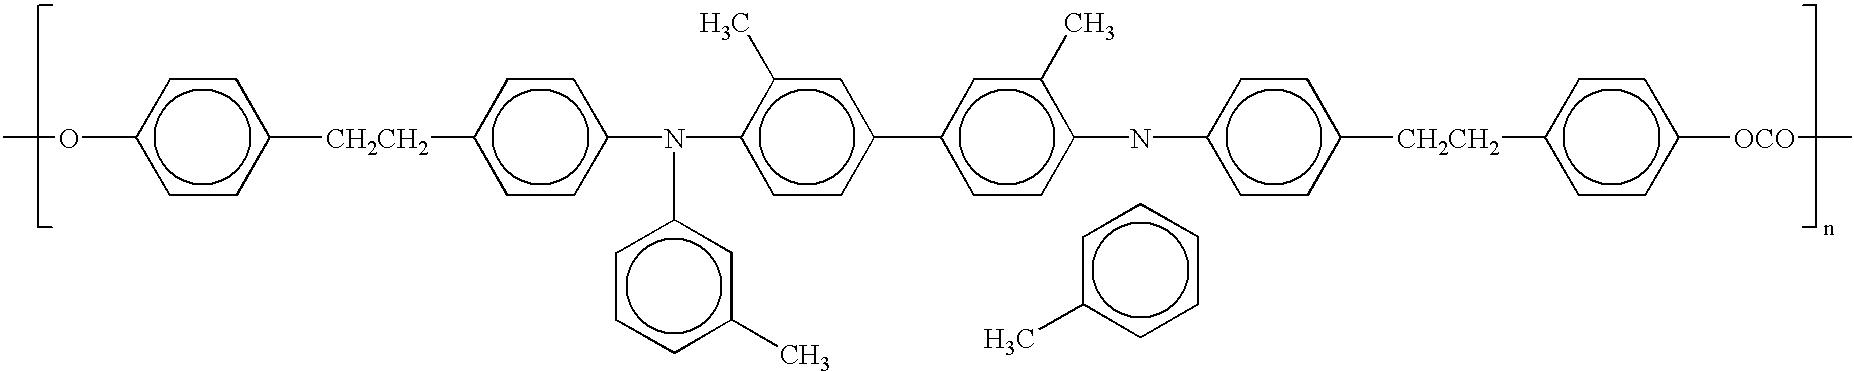 Figure US06939651-20050906-C00040